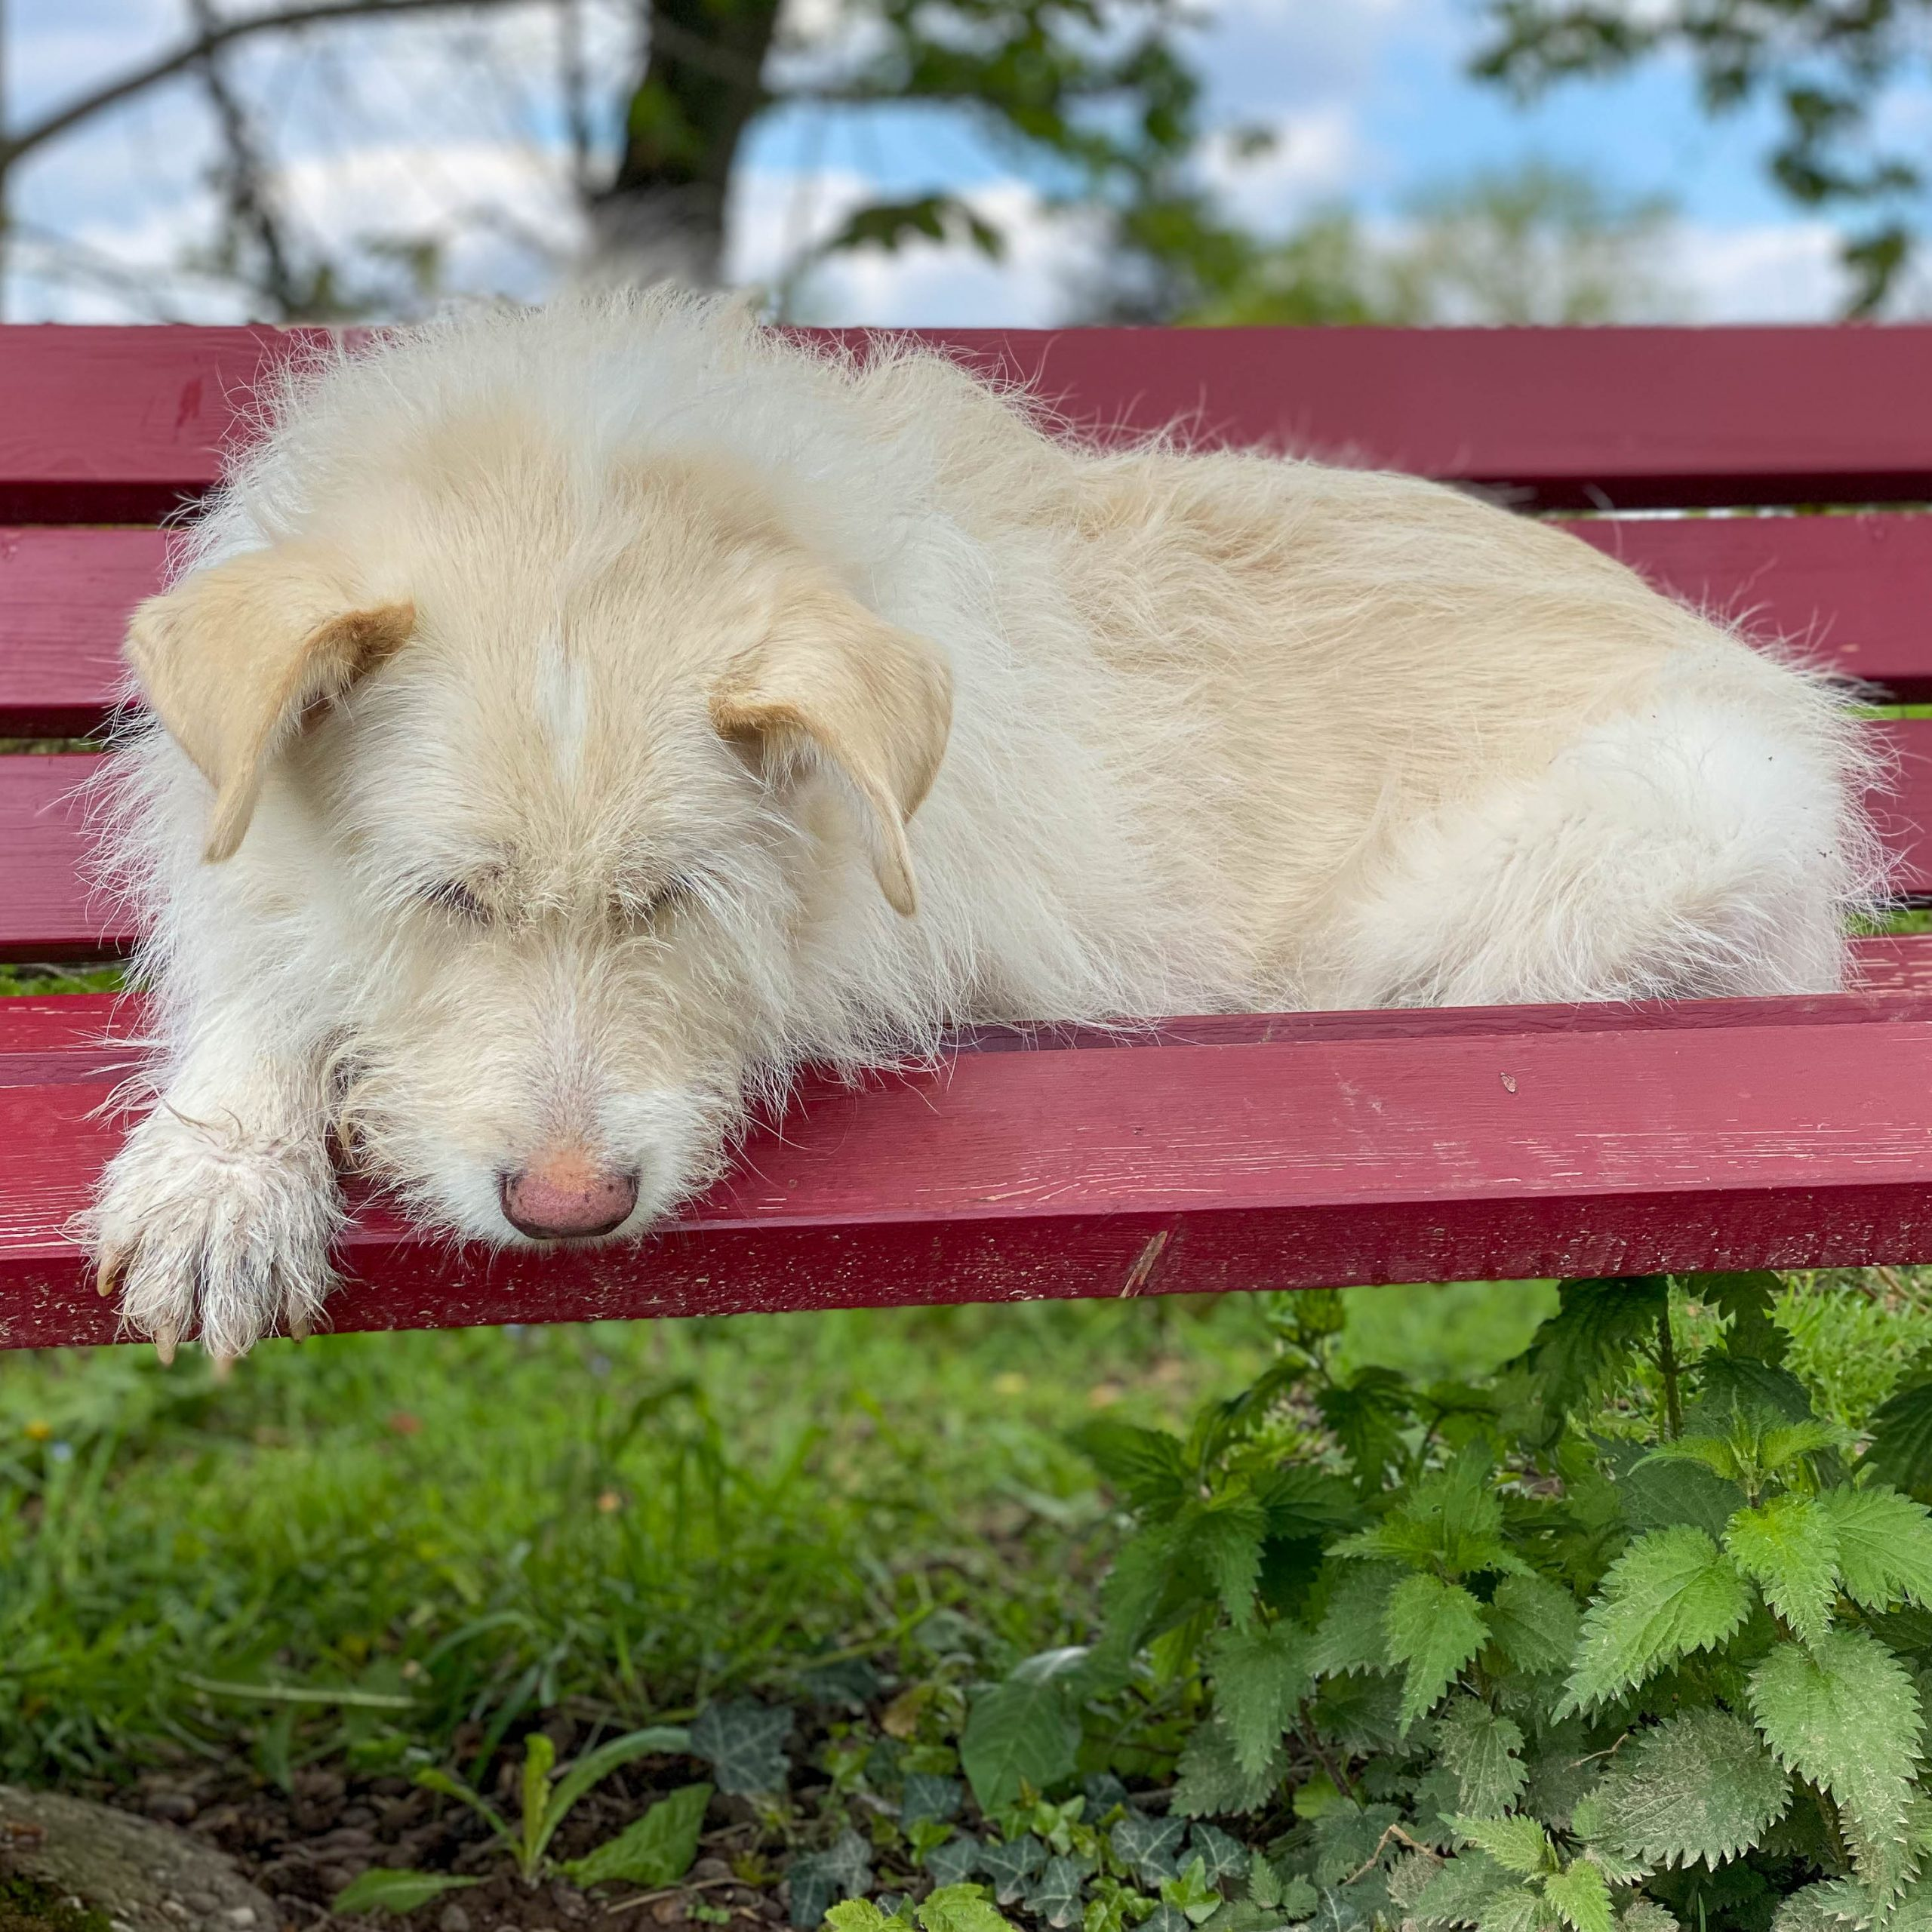 Weißer Hund liegt entspannt auf einer roten Bank